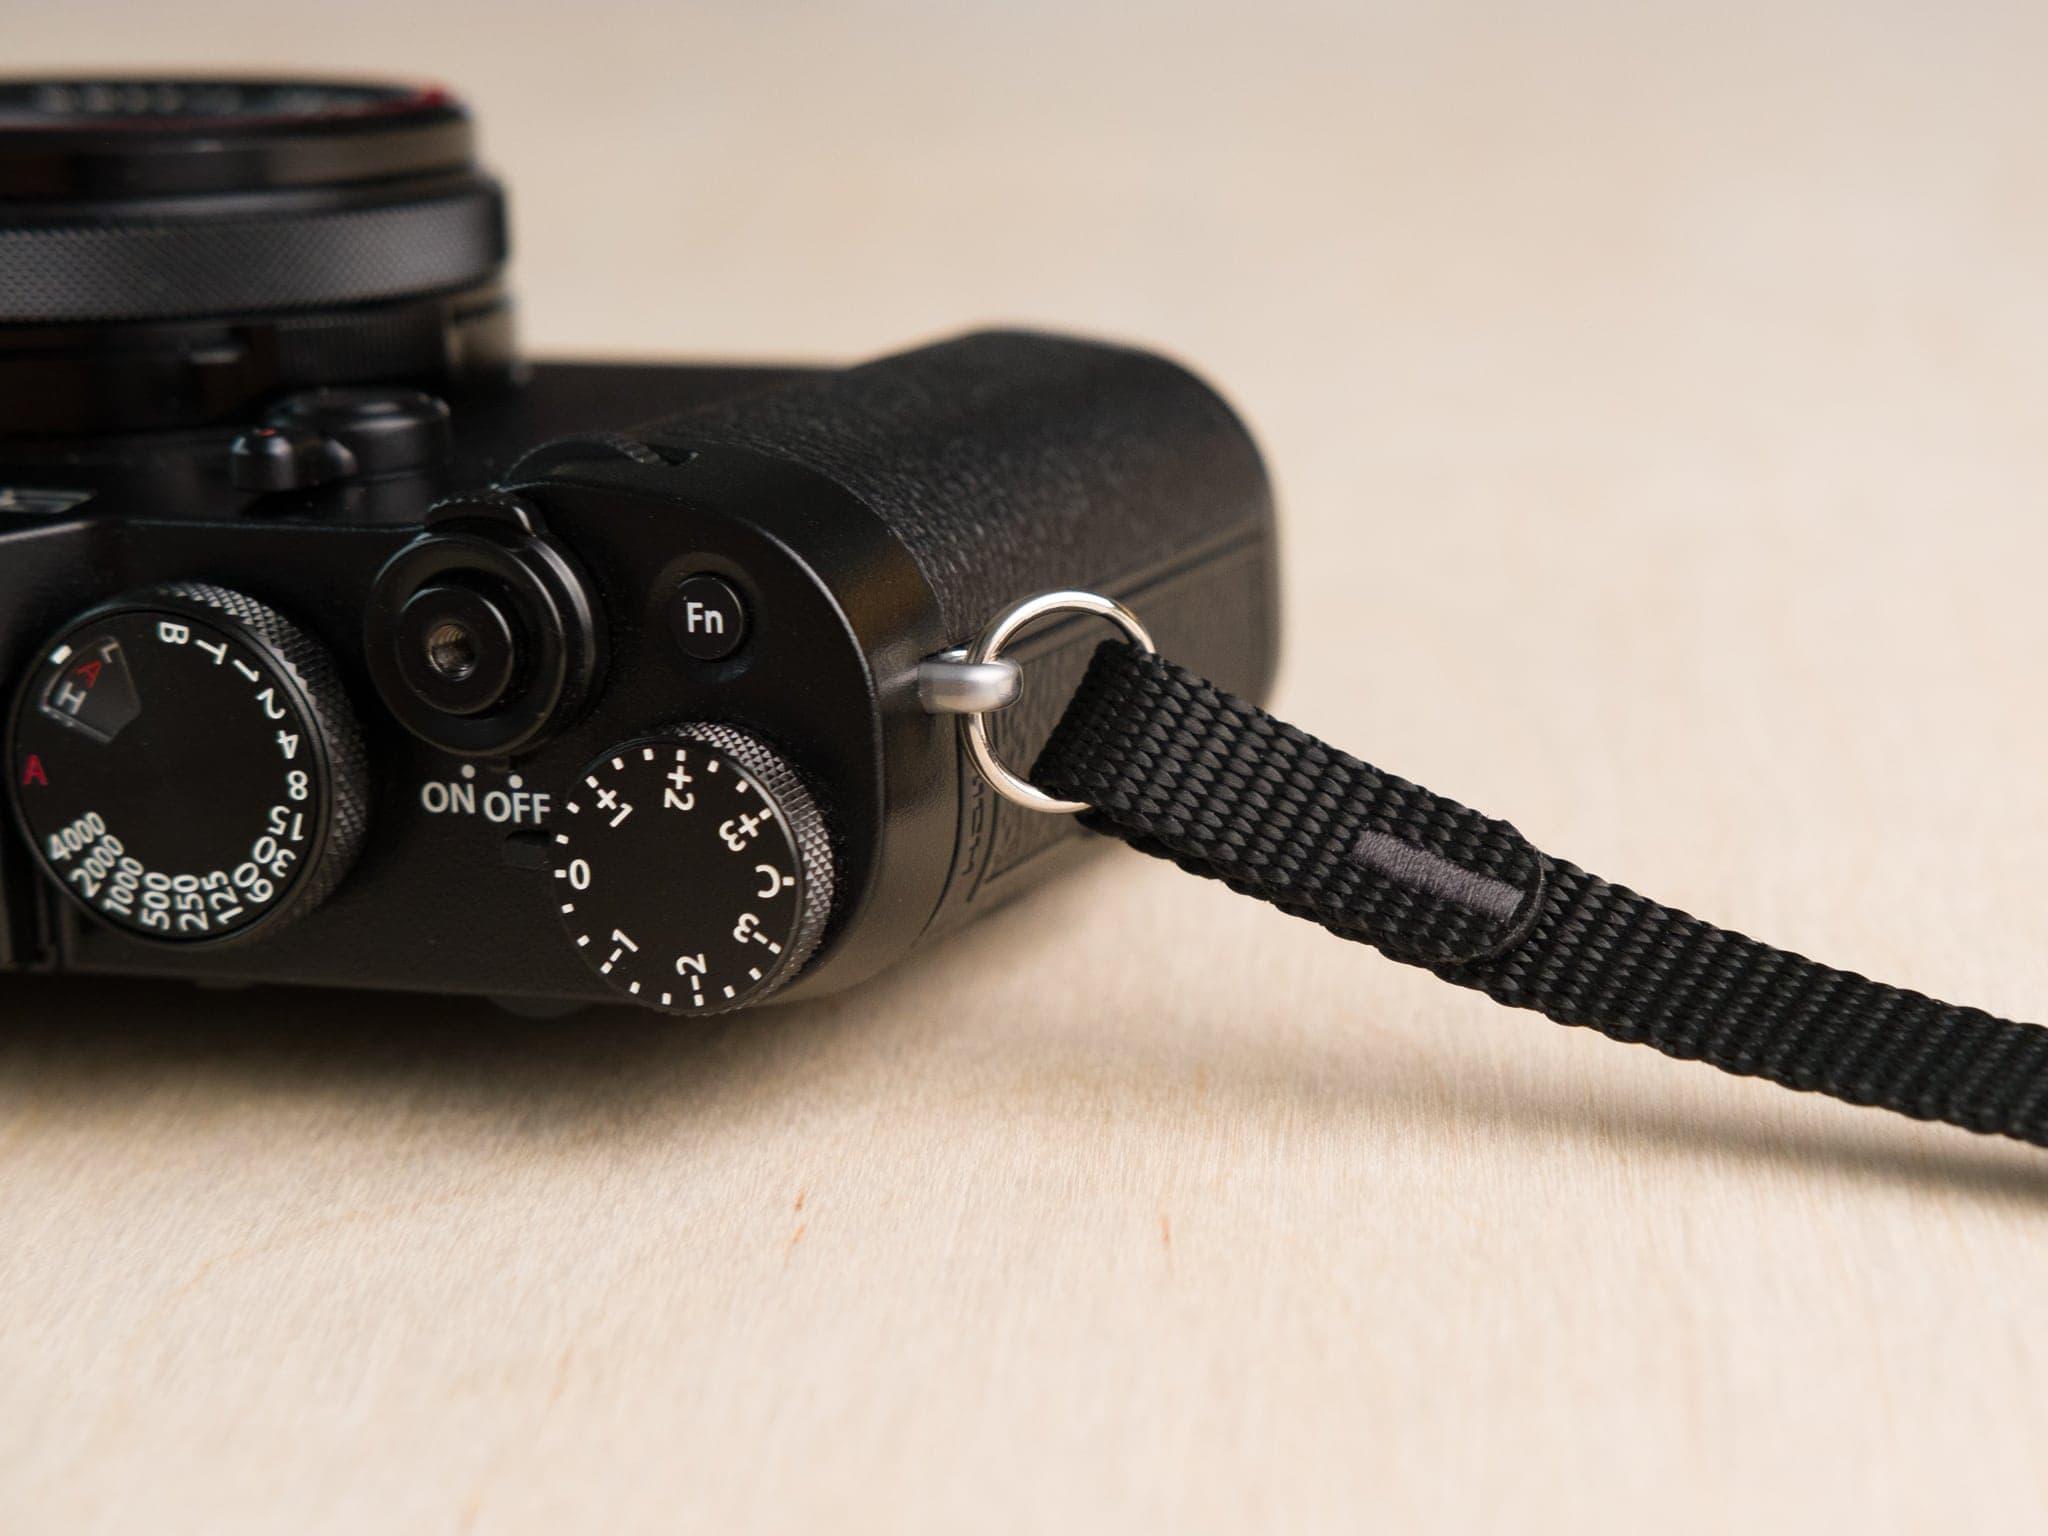 Butiran tali kamera F1